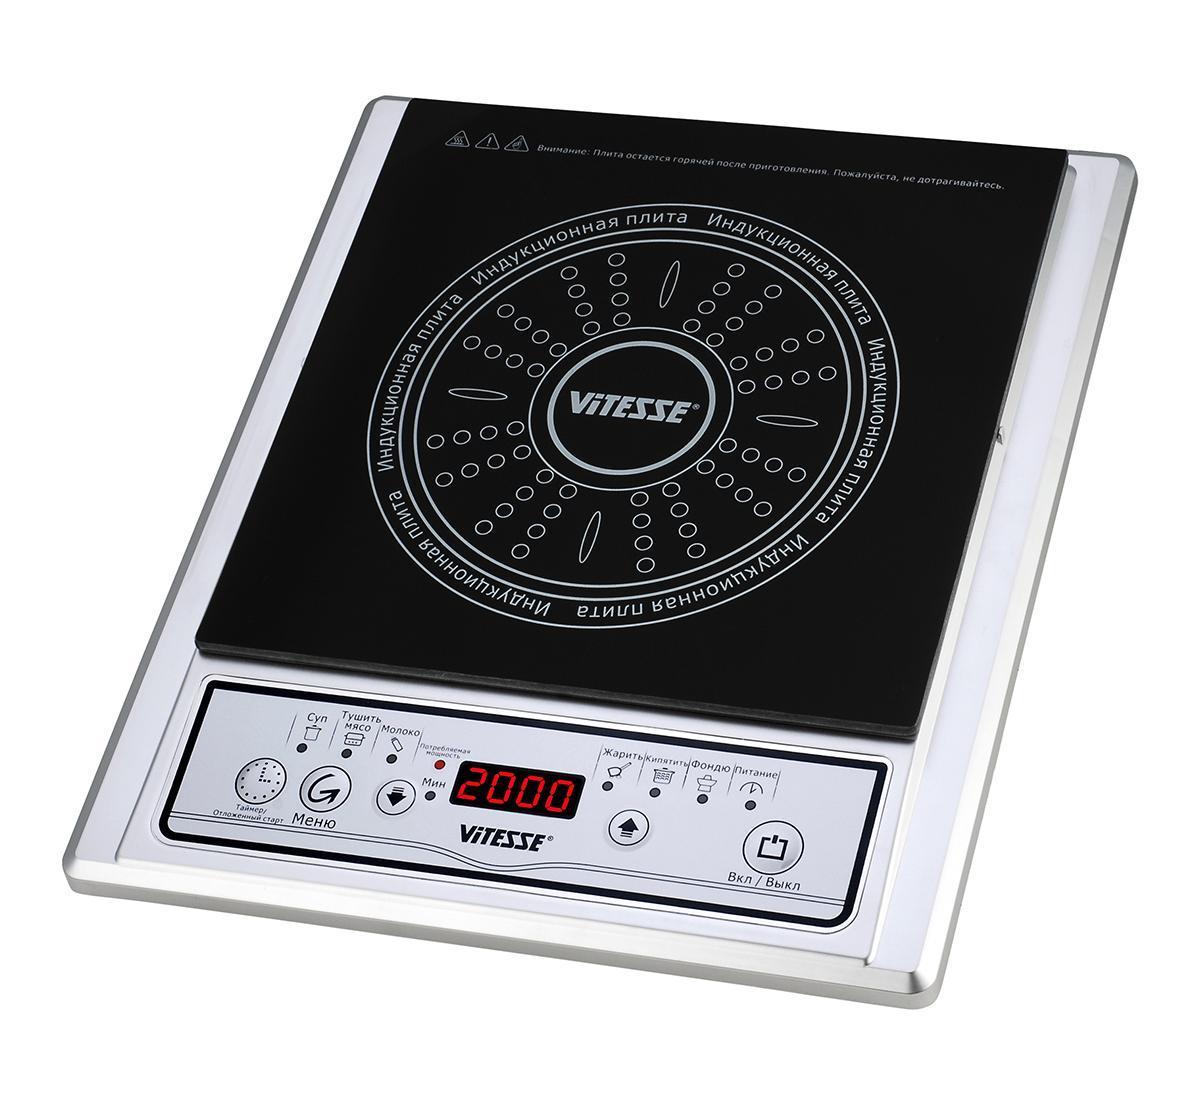 Vitesse VS-514, плитка индукционнаяVS-514От производителя Индукционная плита Vitesse VS-514 создана в помощь молодой хозяйке. За счет плоского стеклокерамического покрытия плита легко моется. Регулировка постоянной мощности и температуры на дисплее поможет не испортить приготавливаемые блюда, а безопасность обеспечит функция автоматического отключения.